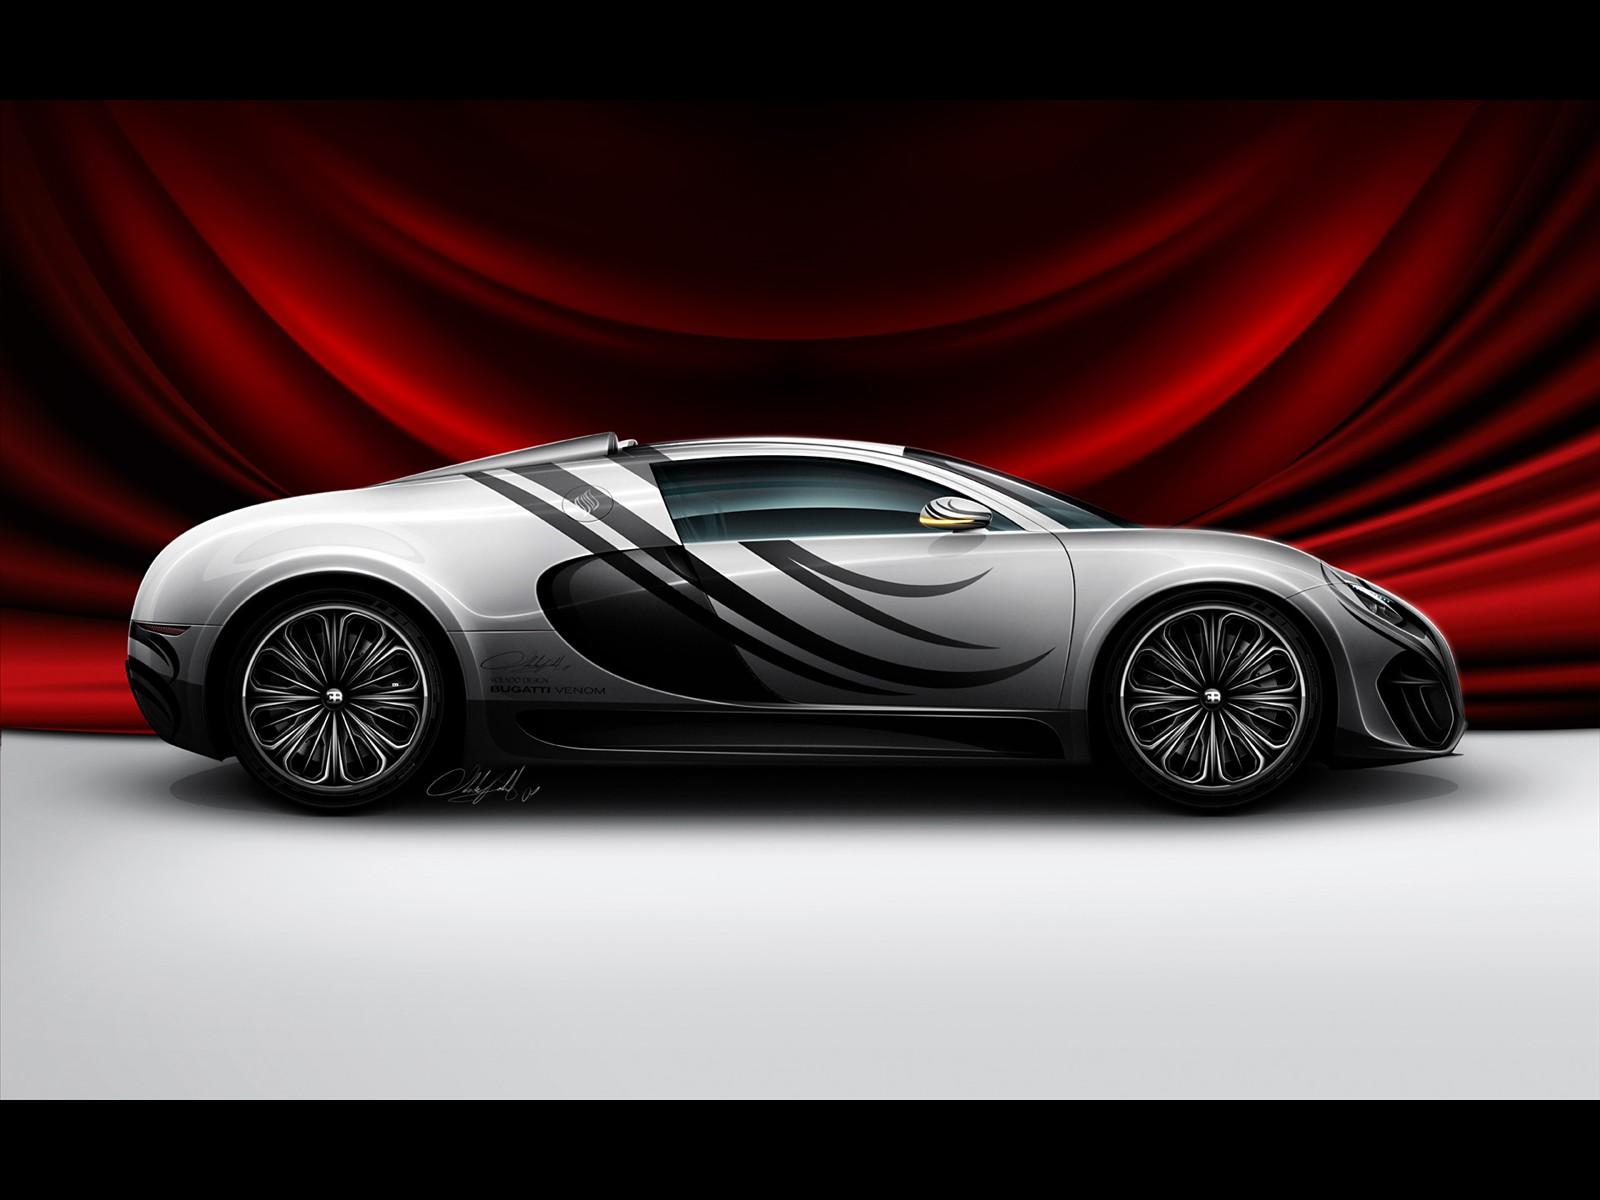 Cars Bugatti Venom Concept Rear View HD Wallpaper Gallery Free Wallpaper